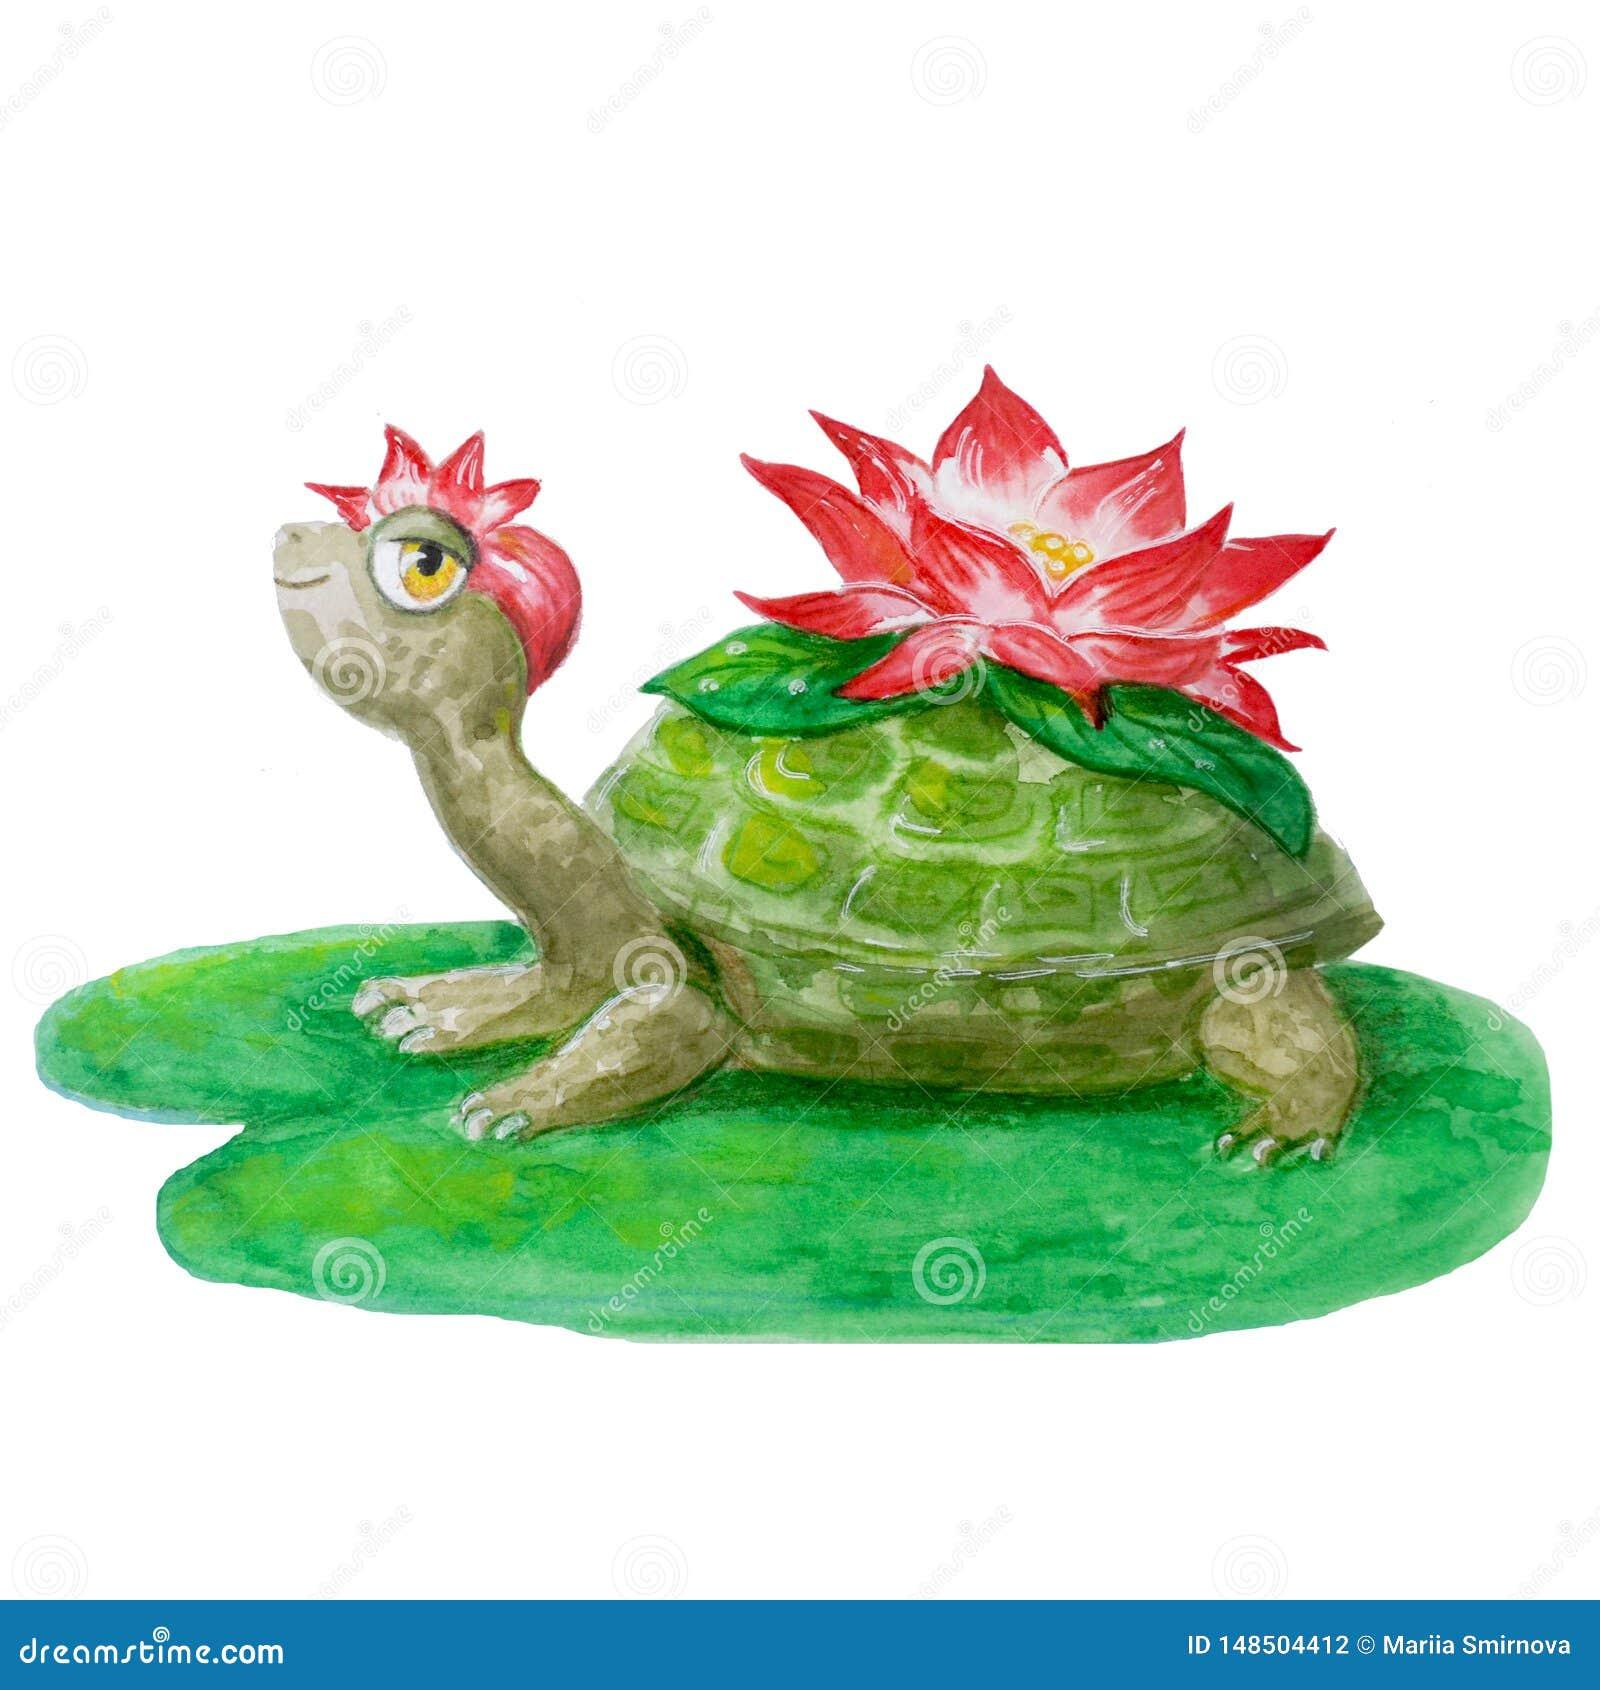 Fröhliche Aquarellschildkröte mit einer Blume Von Hand gezeichnetes lächelndes Tier lokalisiert auf einem weißen Hintergrund für